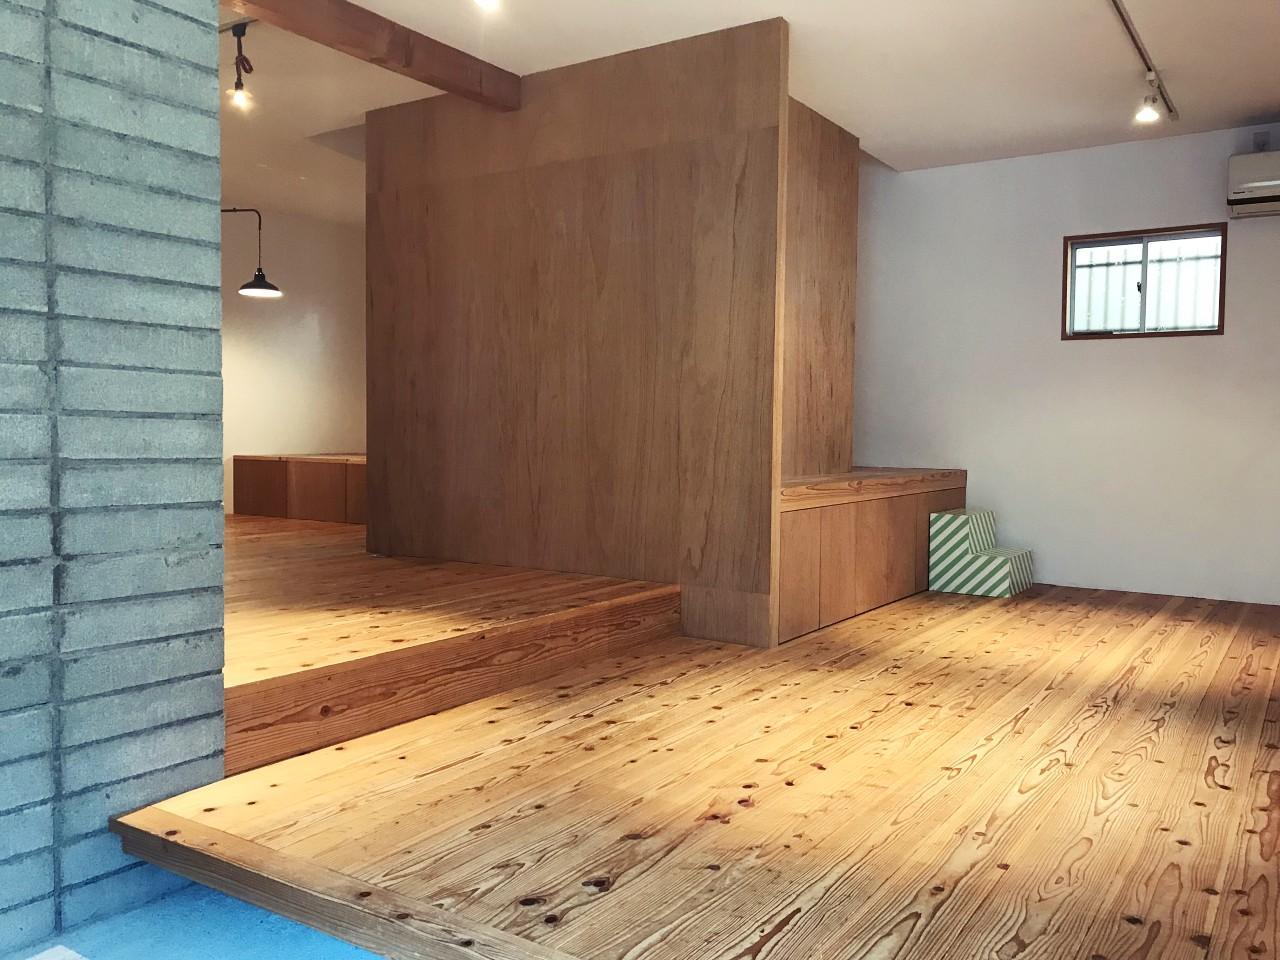 小上がりと無垢床の素敵空間です